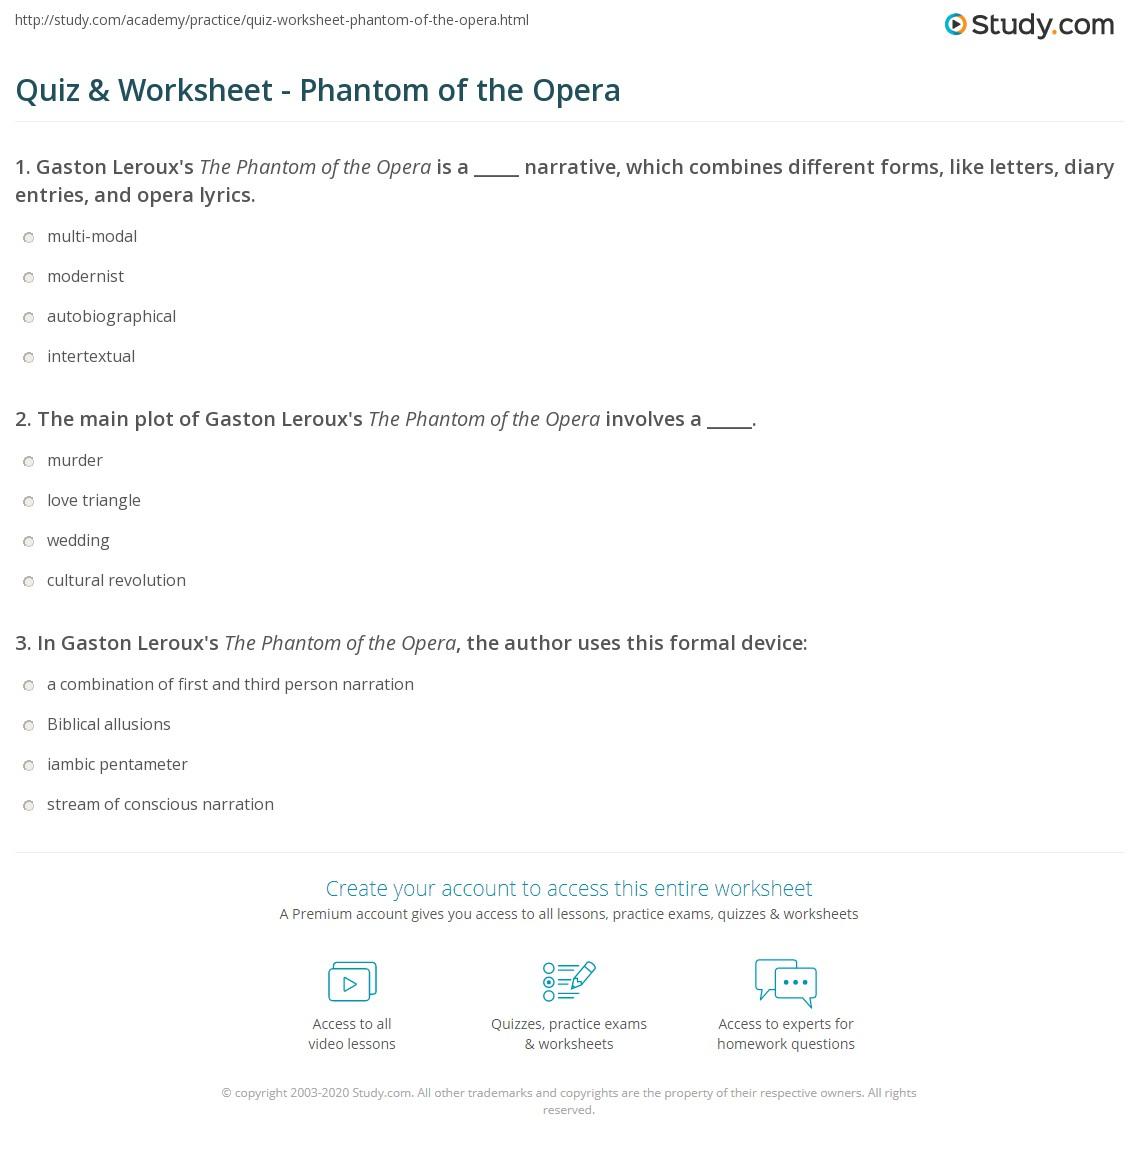 phantom of the opera character analysis